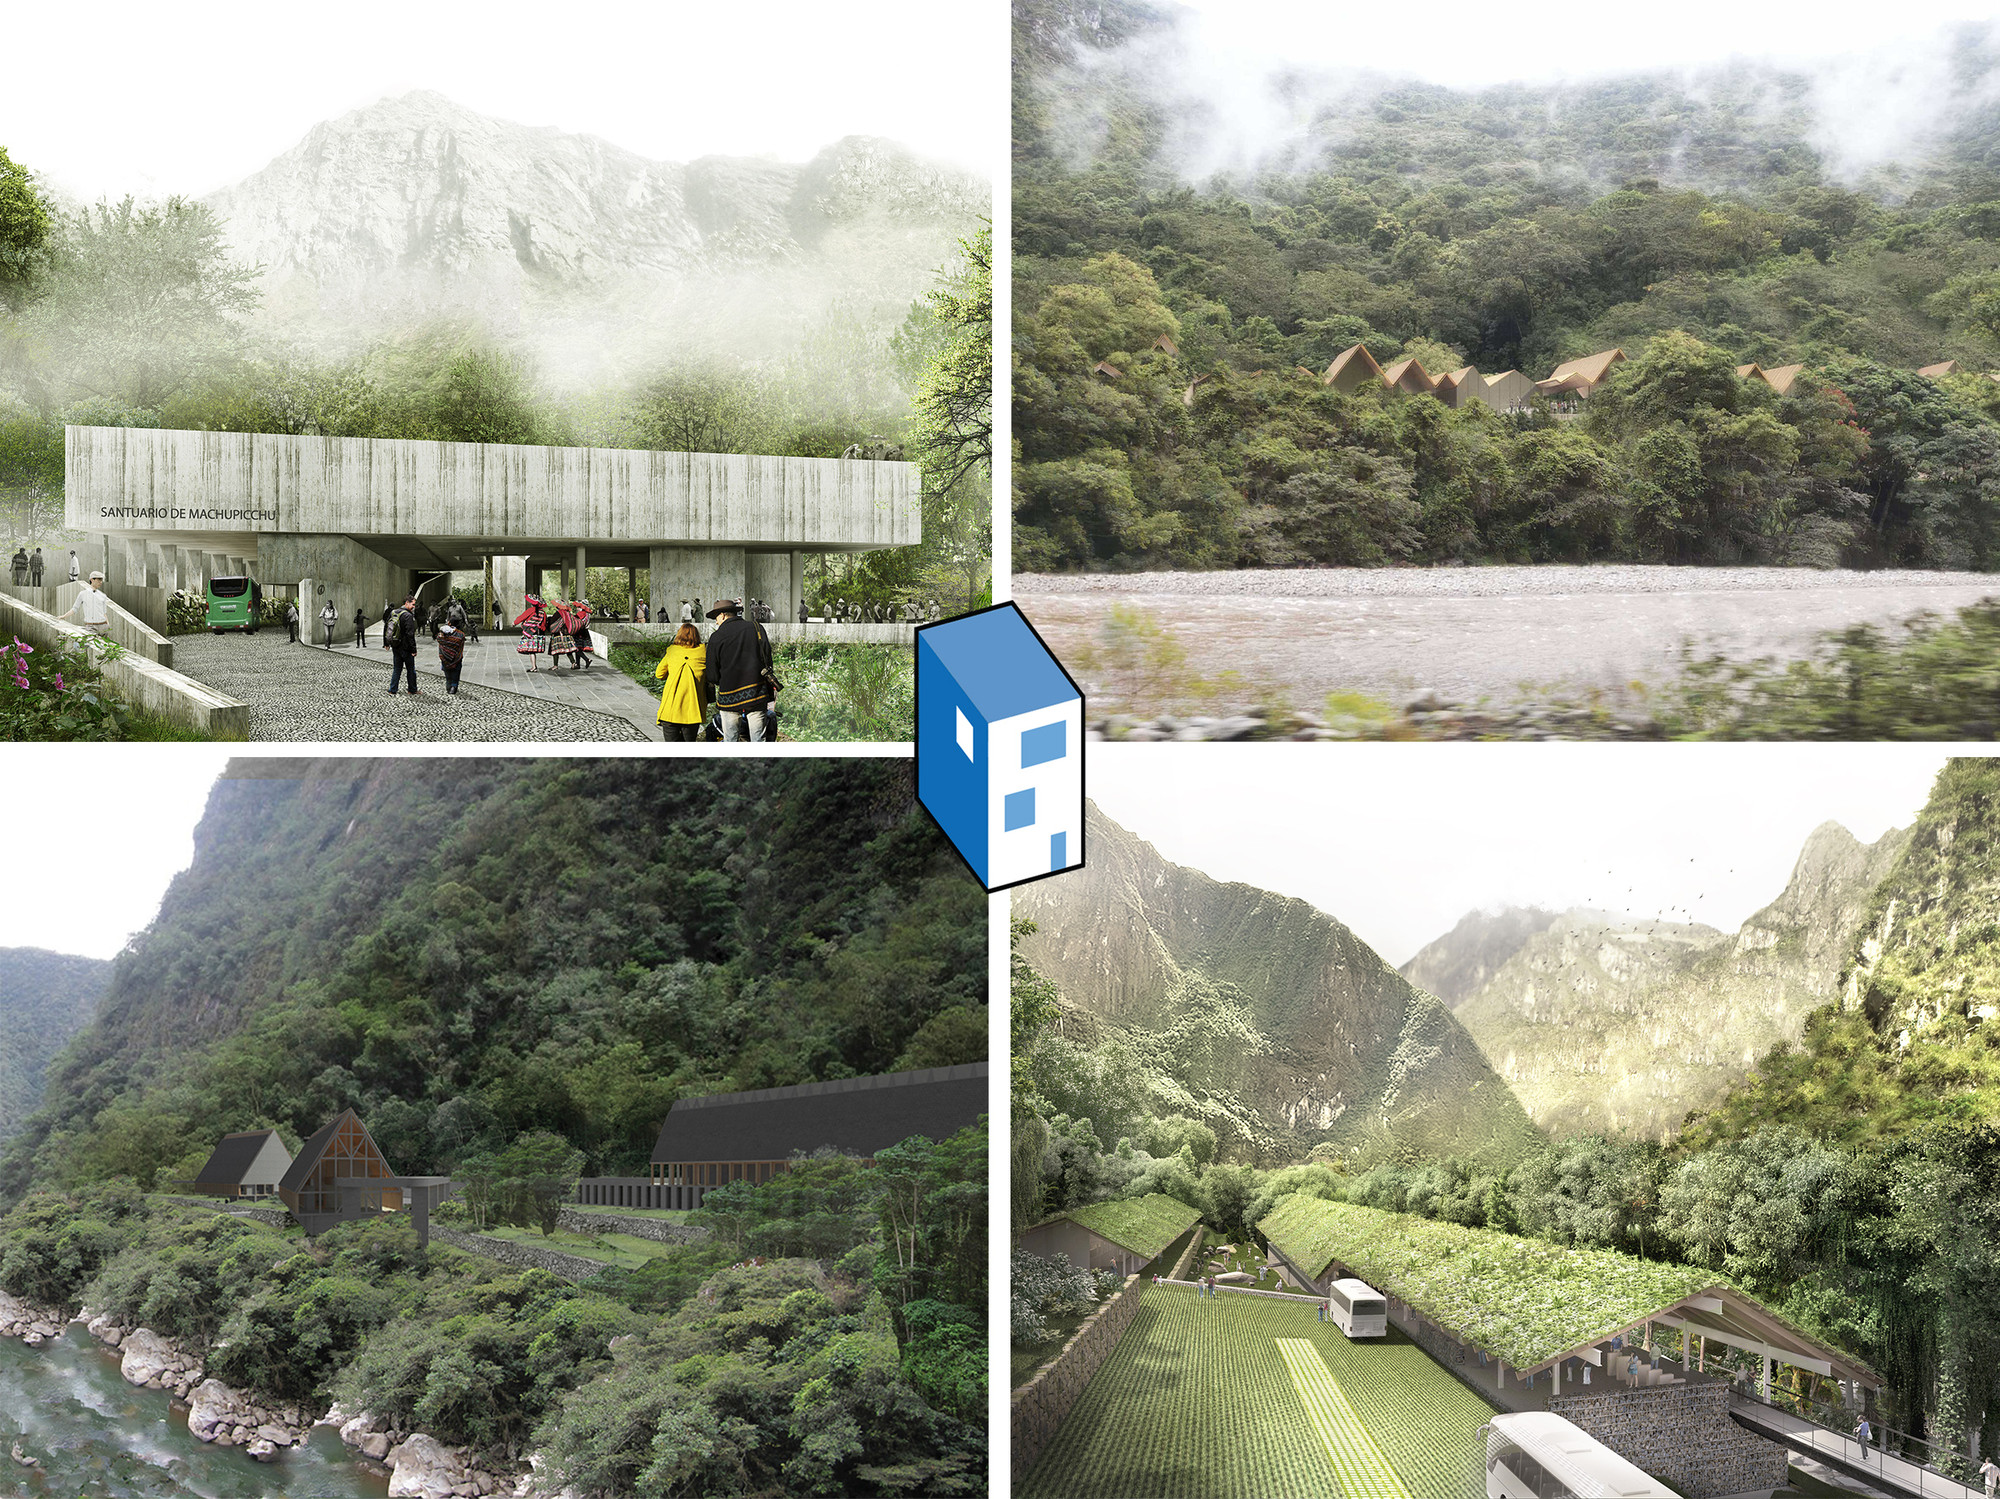 Resultados do concurso de intervenções em Machu Picchu